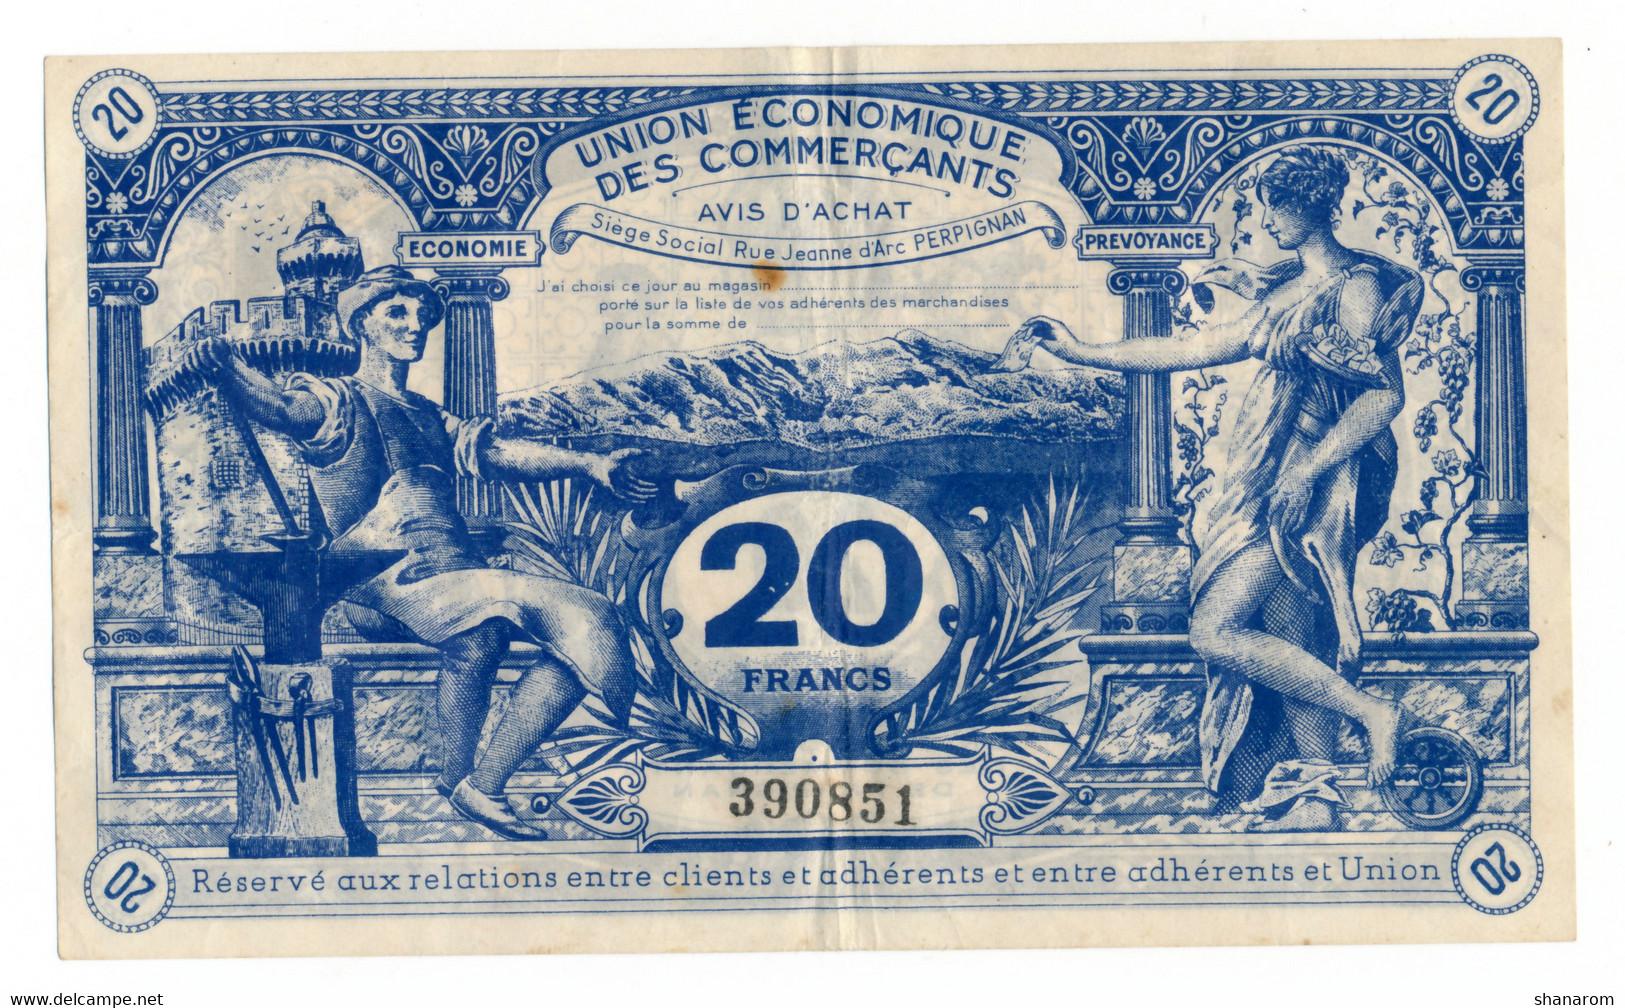 PERPIGNAN // UNION ECONOMIQUE DES COMMERCANTS // Bon De Vingt Francs - Bonds & Basic Needs